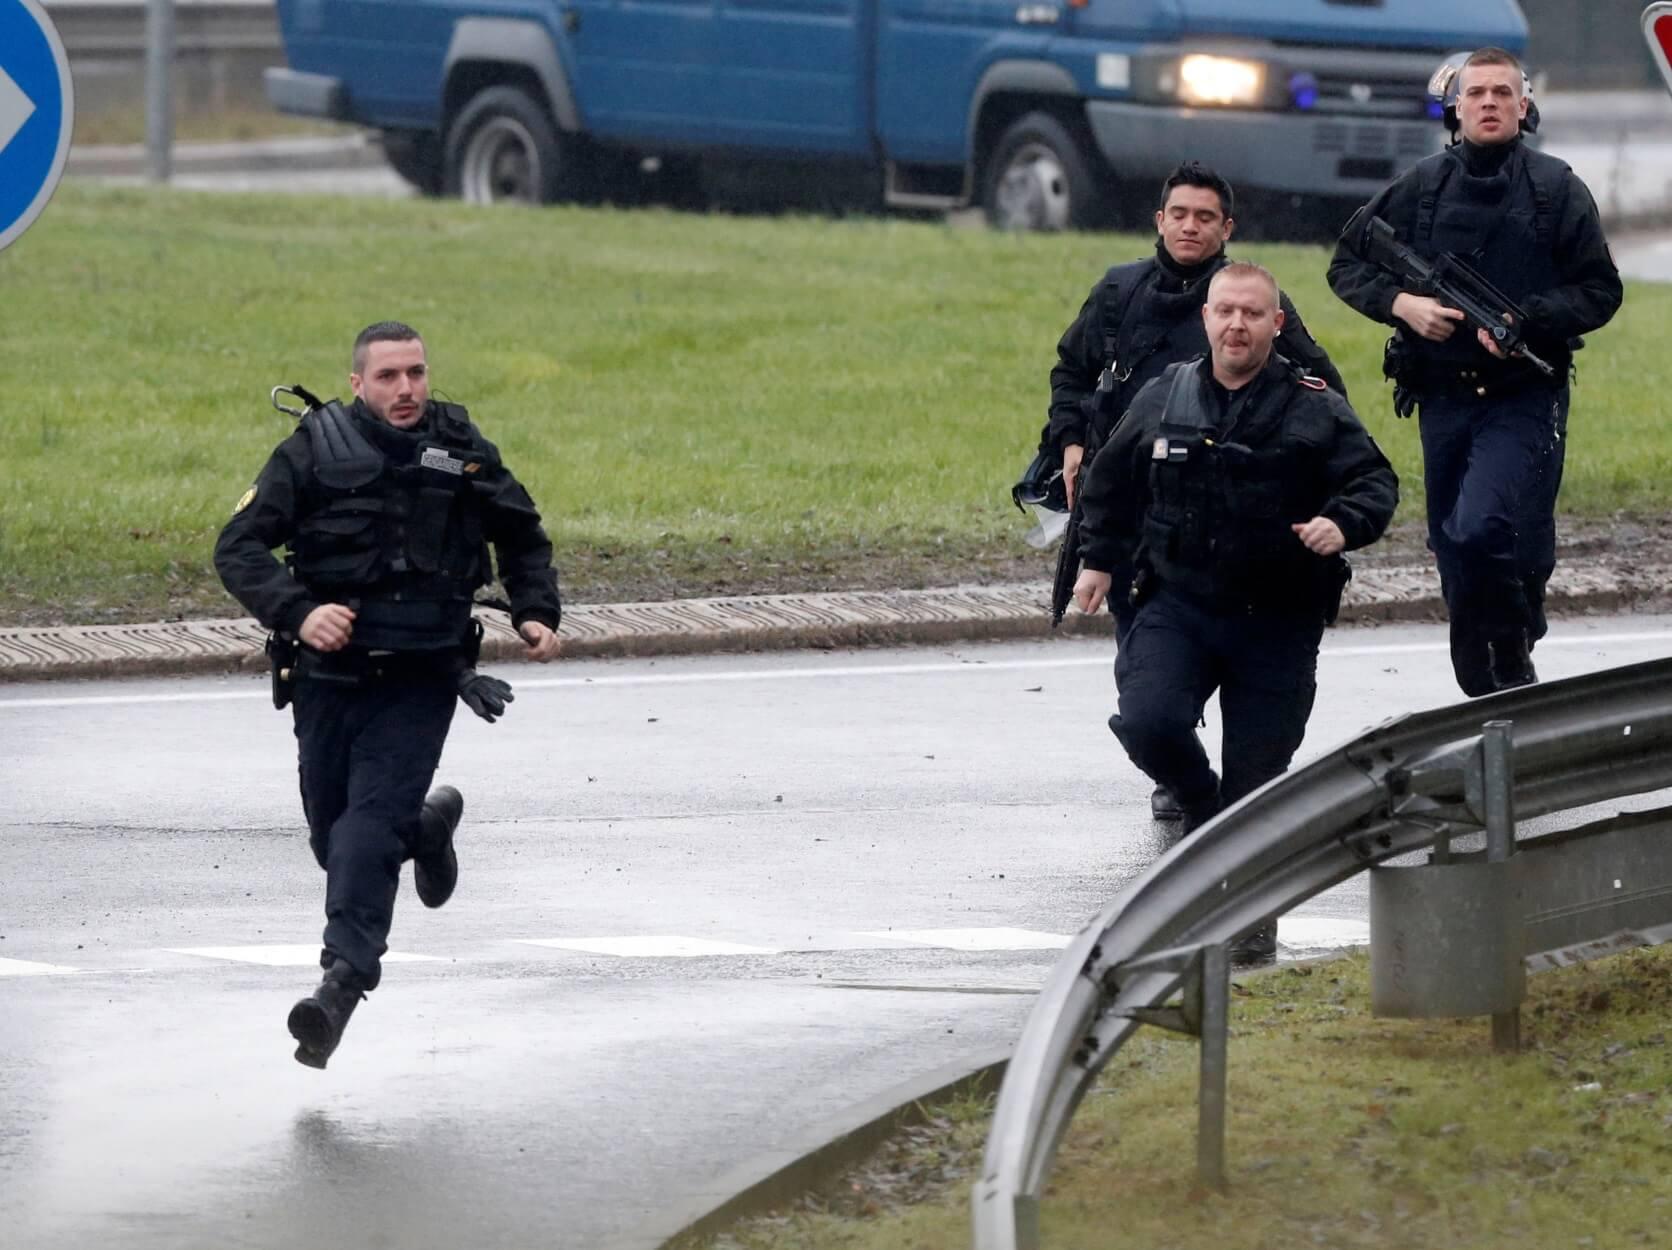 Μασσαλία: Νεκρός ο δράστης που επιτέθηκε με μαχαίρι και τραυμάτισε περαστικούς!